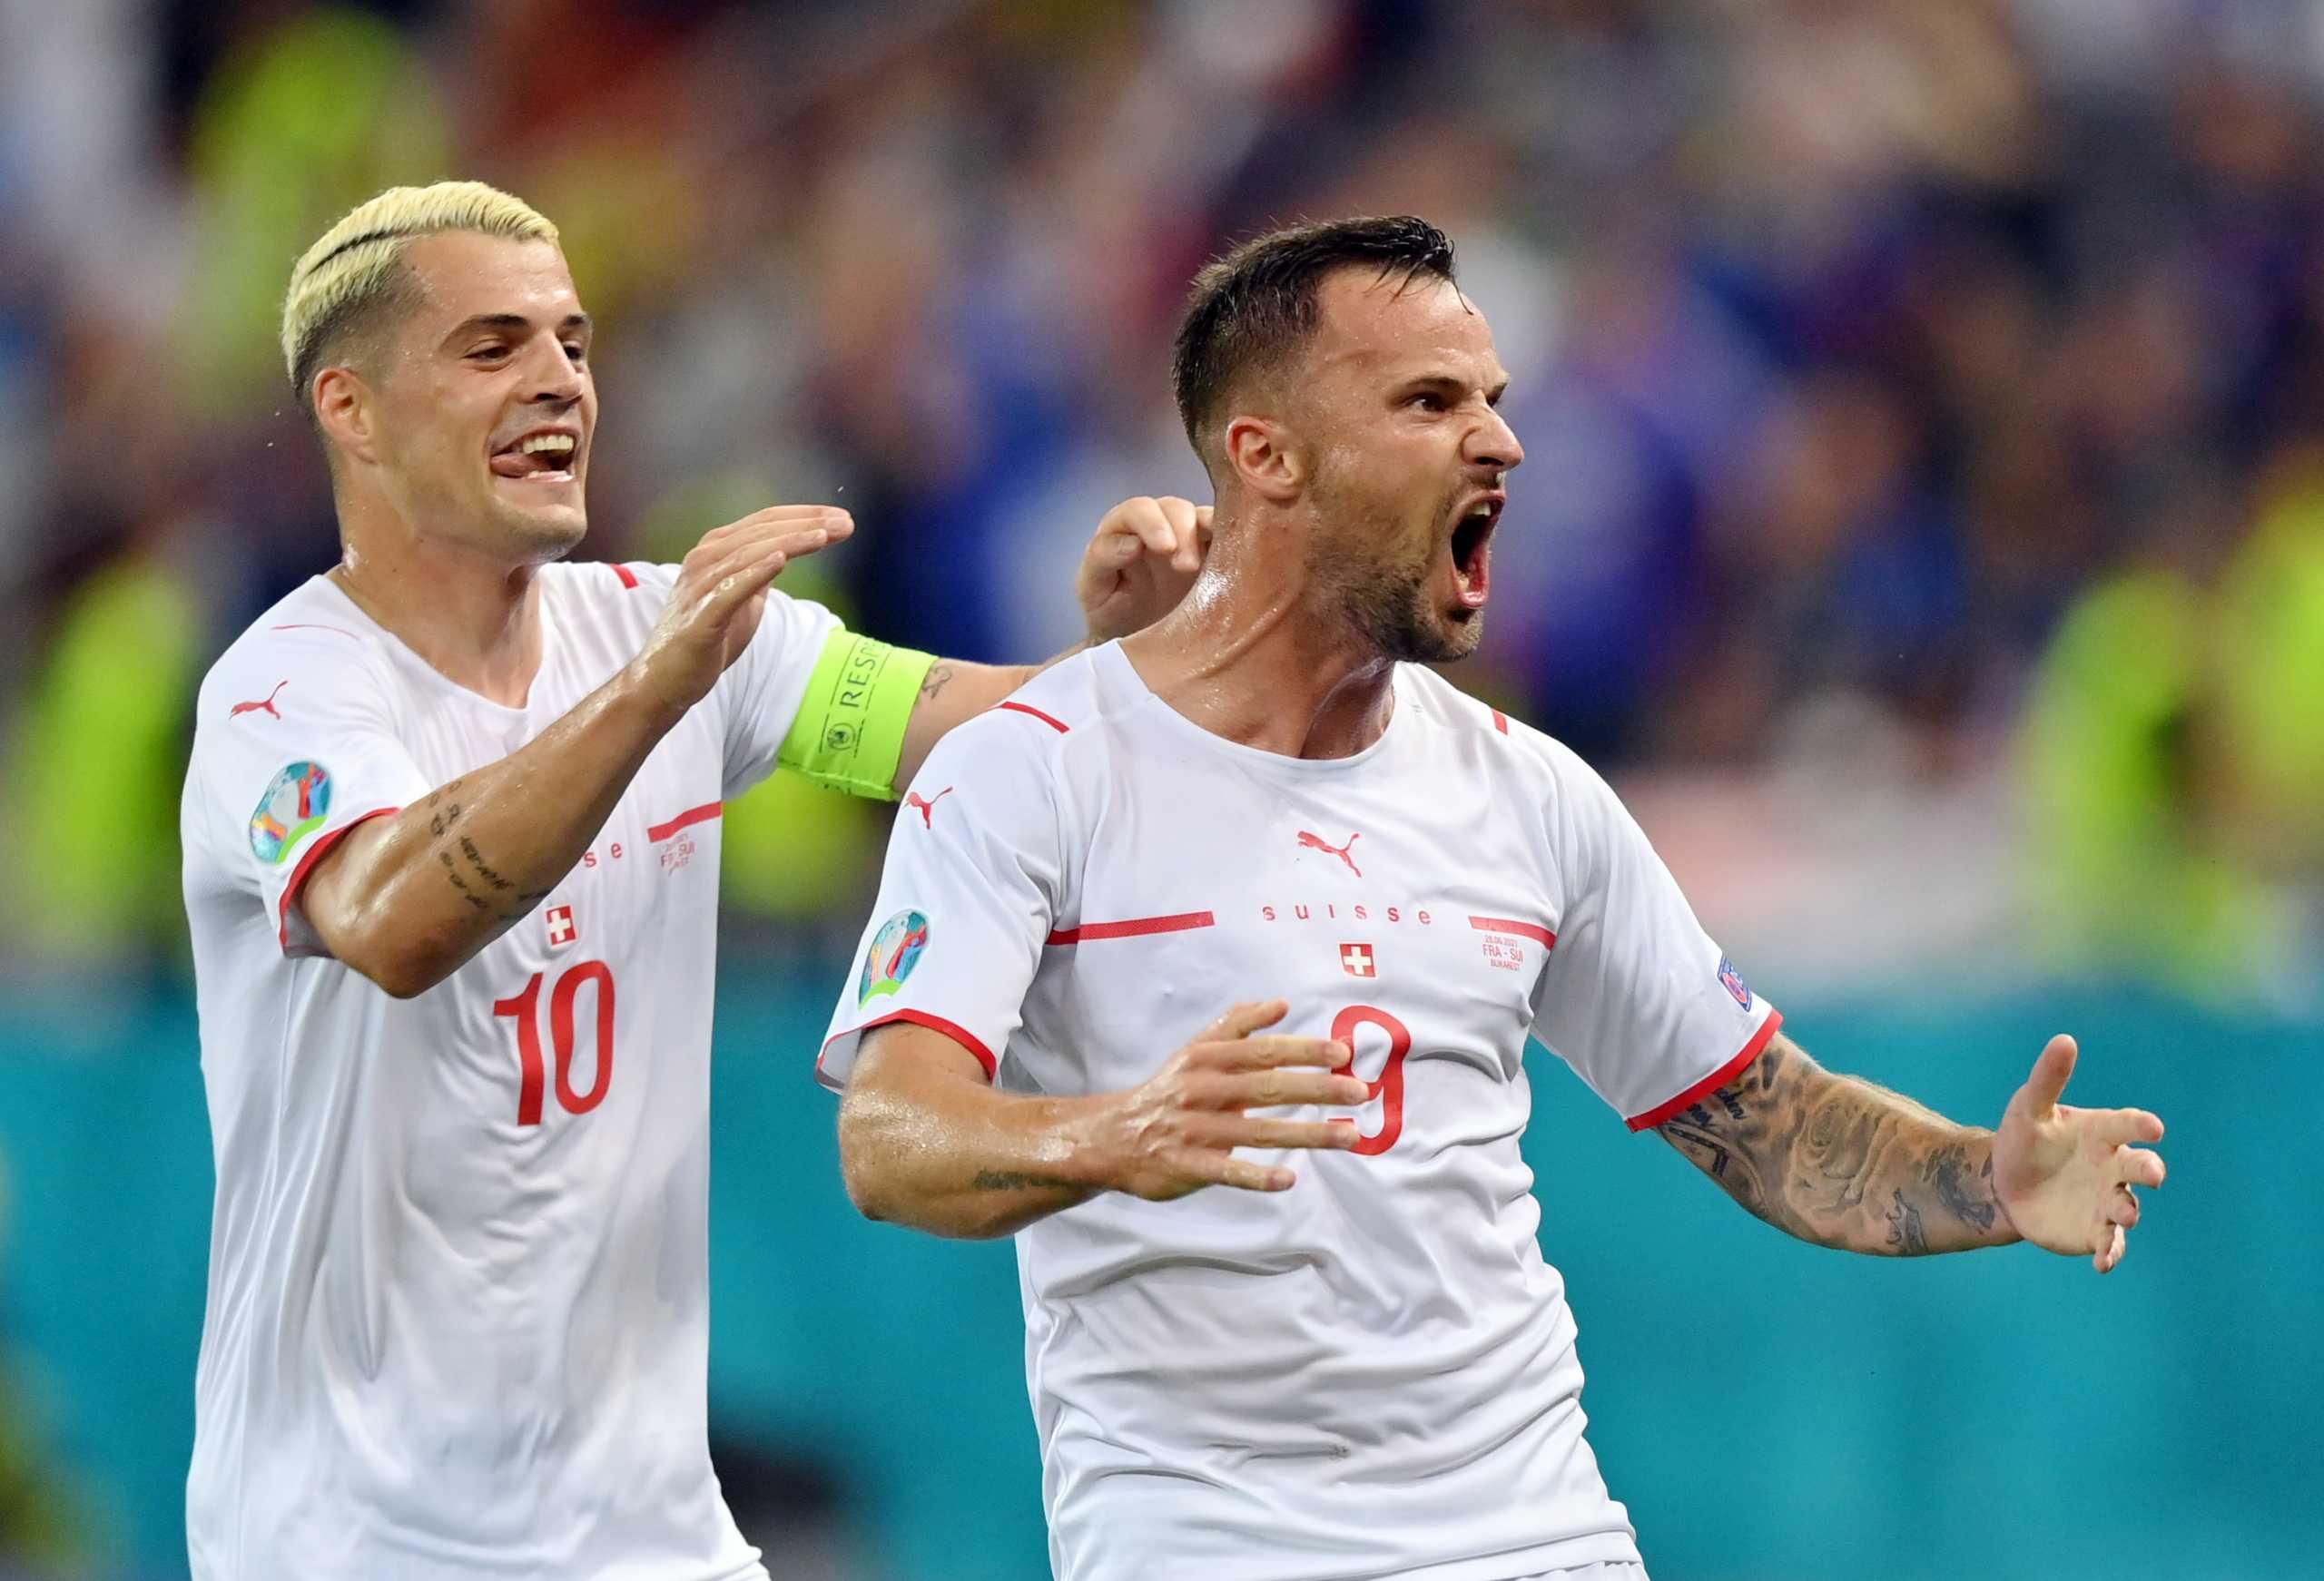 Euro 2020, Γαλλία – Ελβετία: Ο Σεφέροβιτς σόκαρε τους Γάλλους